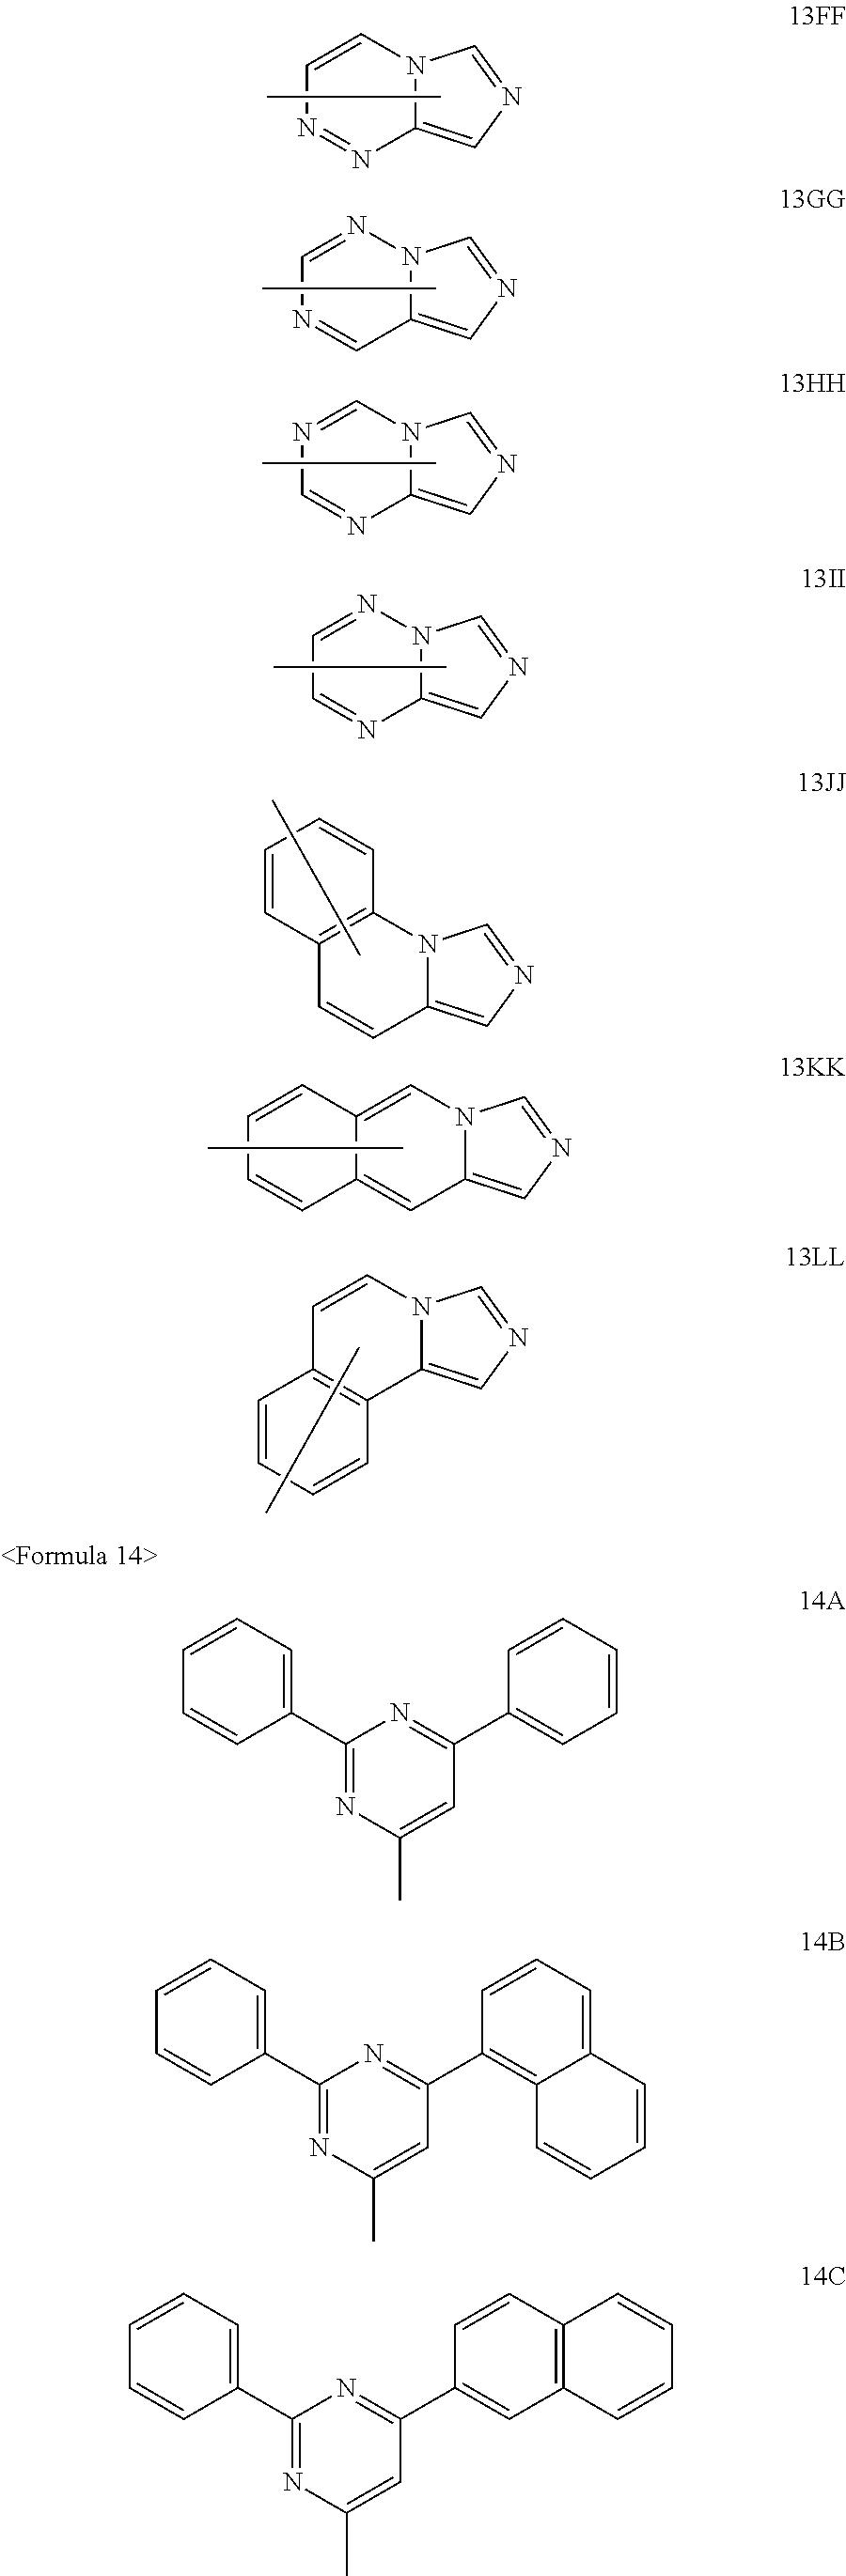 Figure US07875367-20110125-C00021